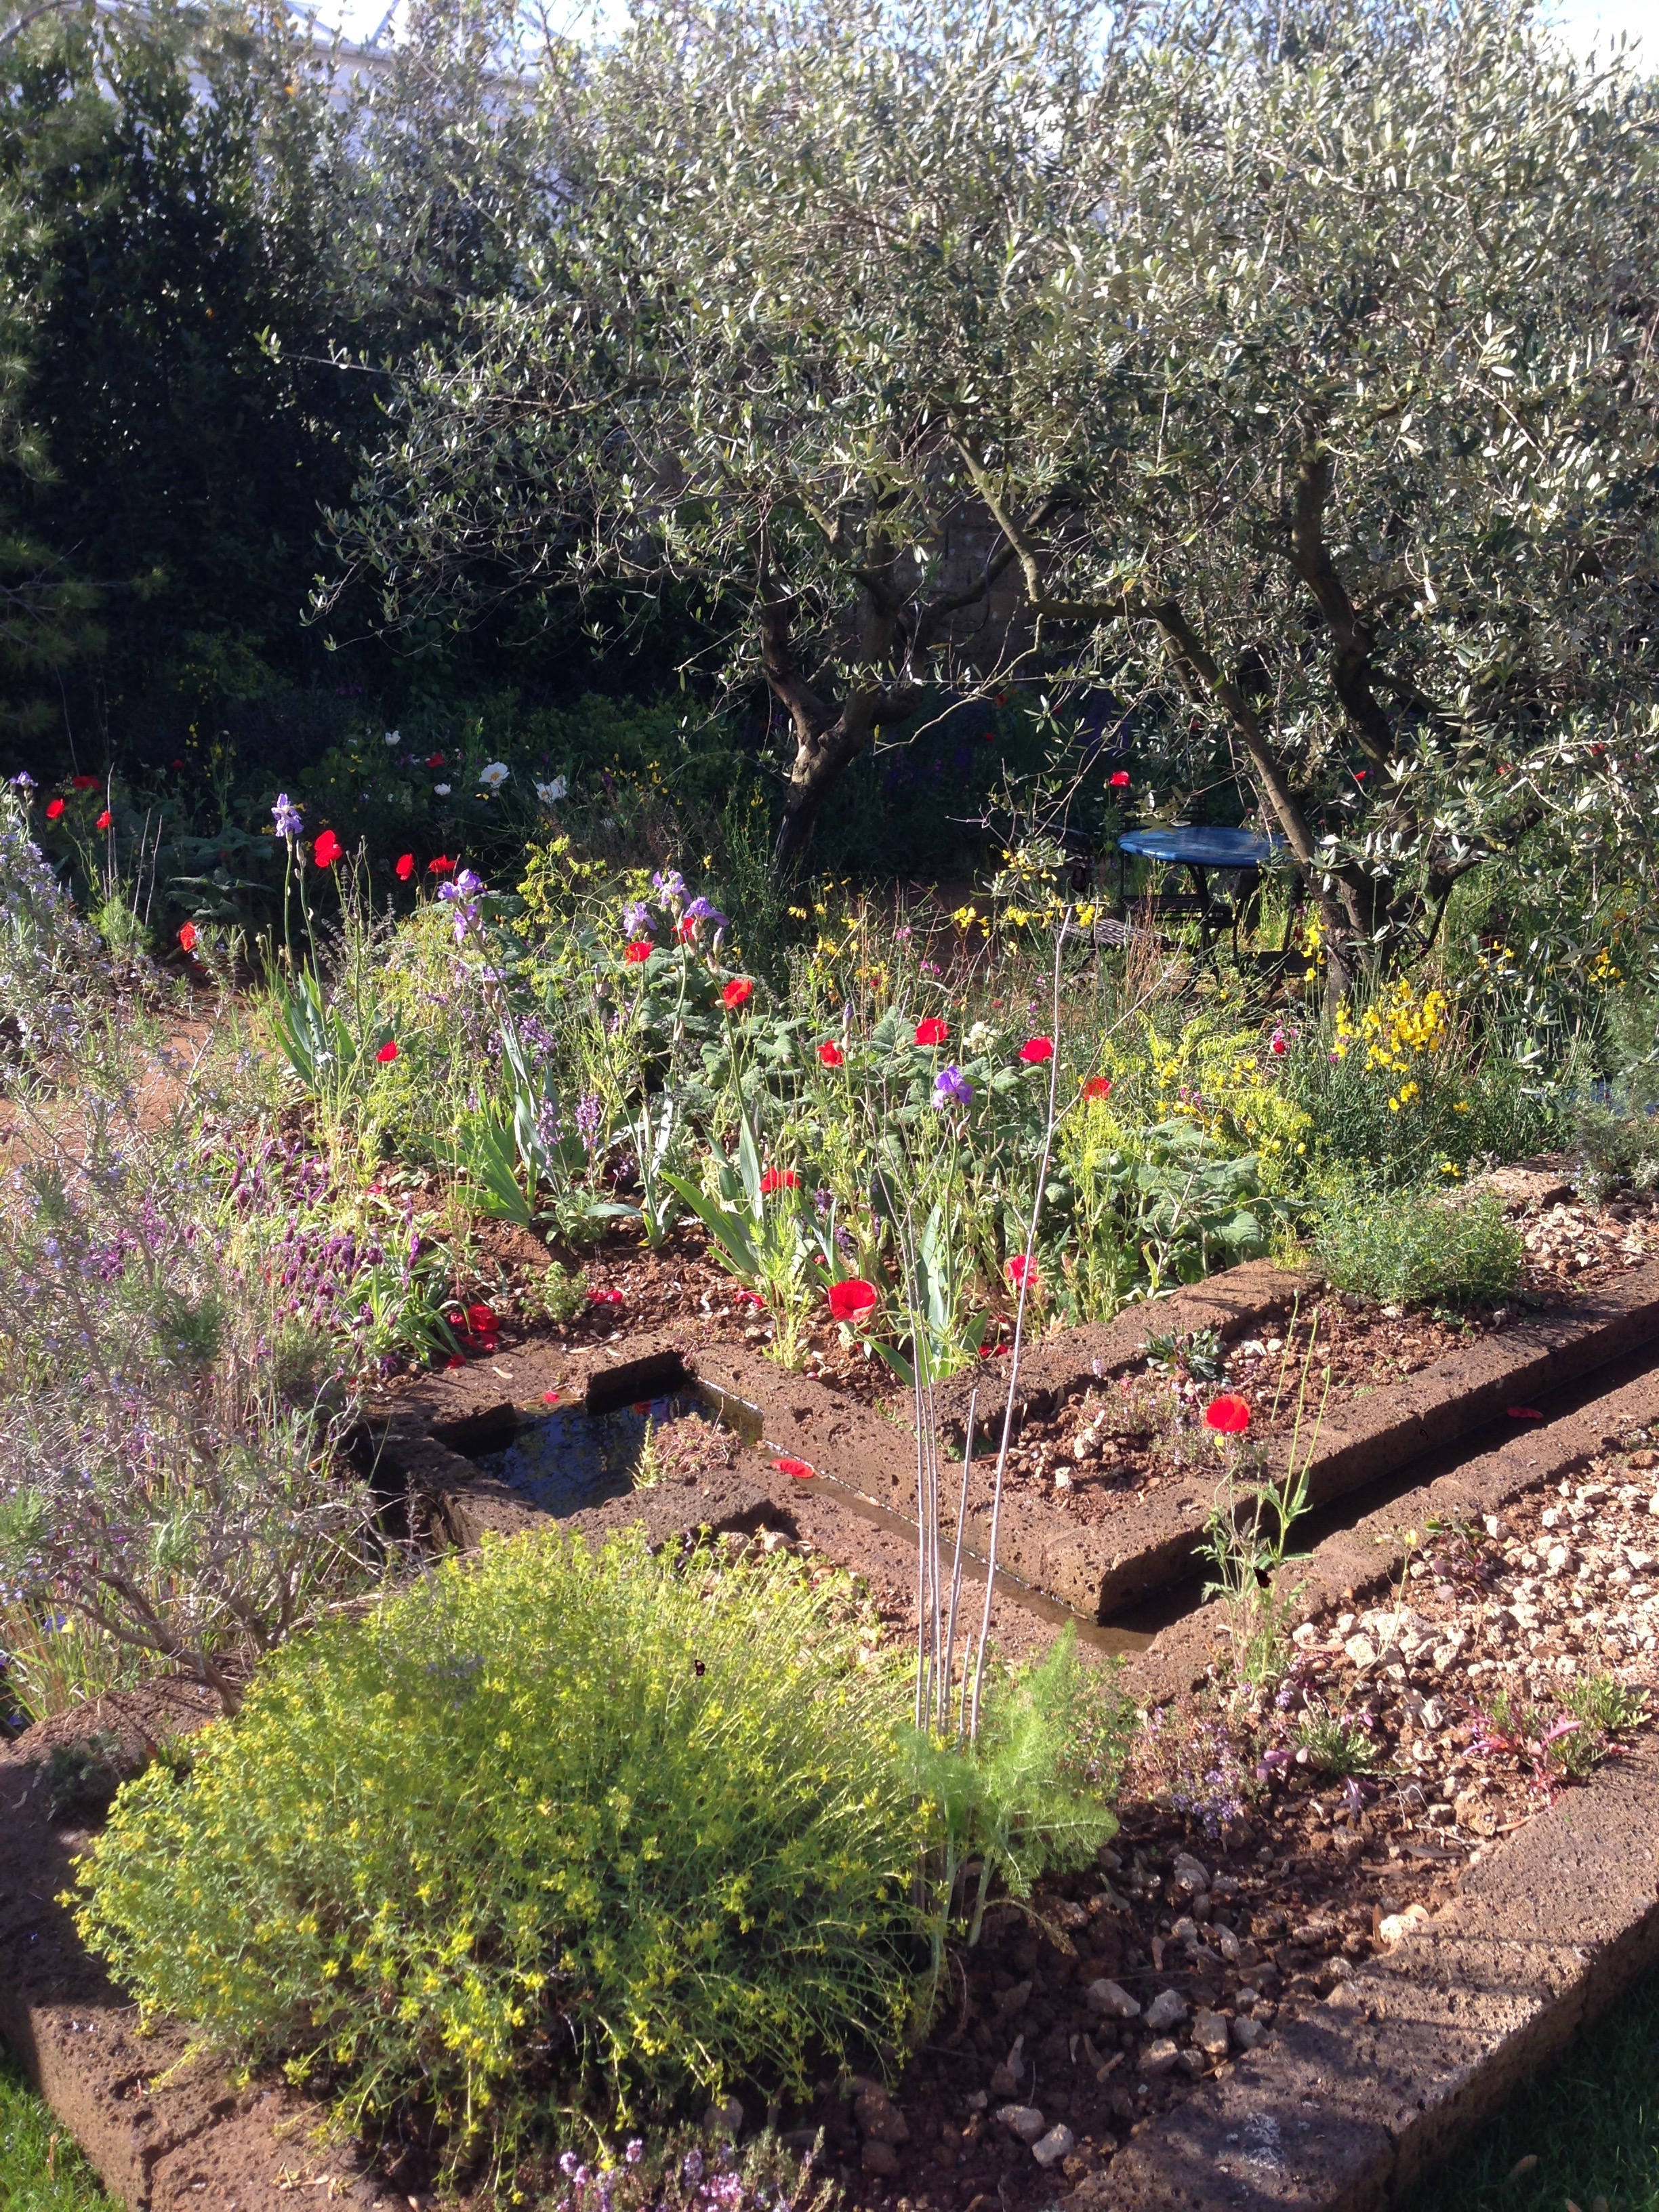 """Mijn favoriet: """"A Perfumer's Garden in Grasse"""", mediterrane showtuin van tuinontwerper James Basson. De tuin liet zich niet goed fotograferen, maar wat was ik graag aan dat blauwe Franse tafeltje onder die olfijfbomen gaan zitten, tussen de lavendel en de klaprozen."""